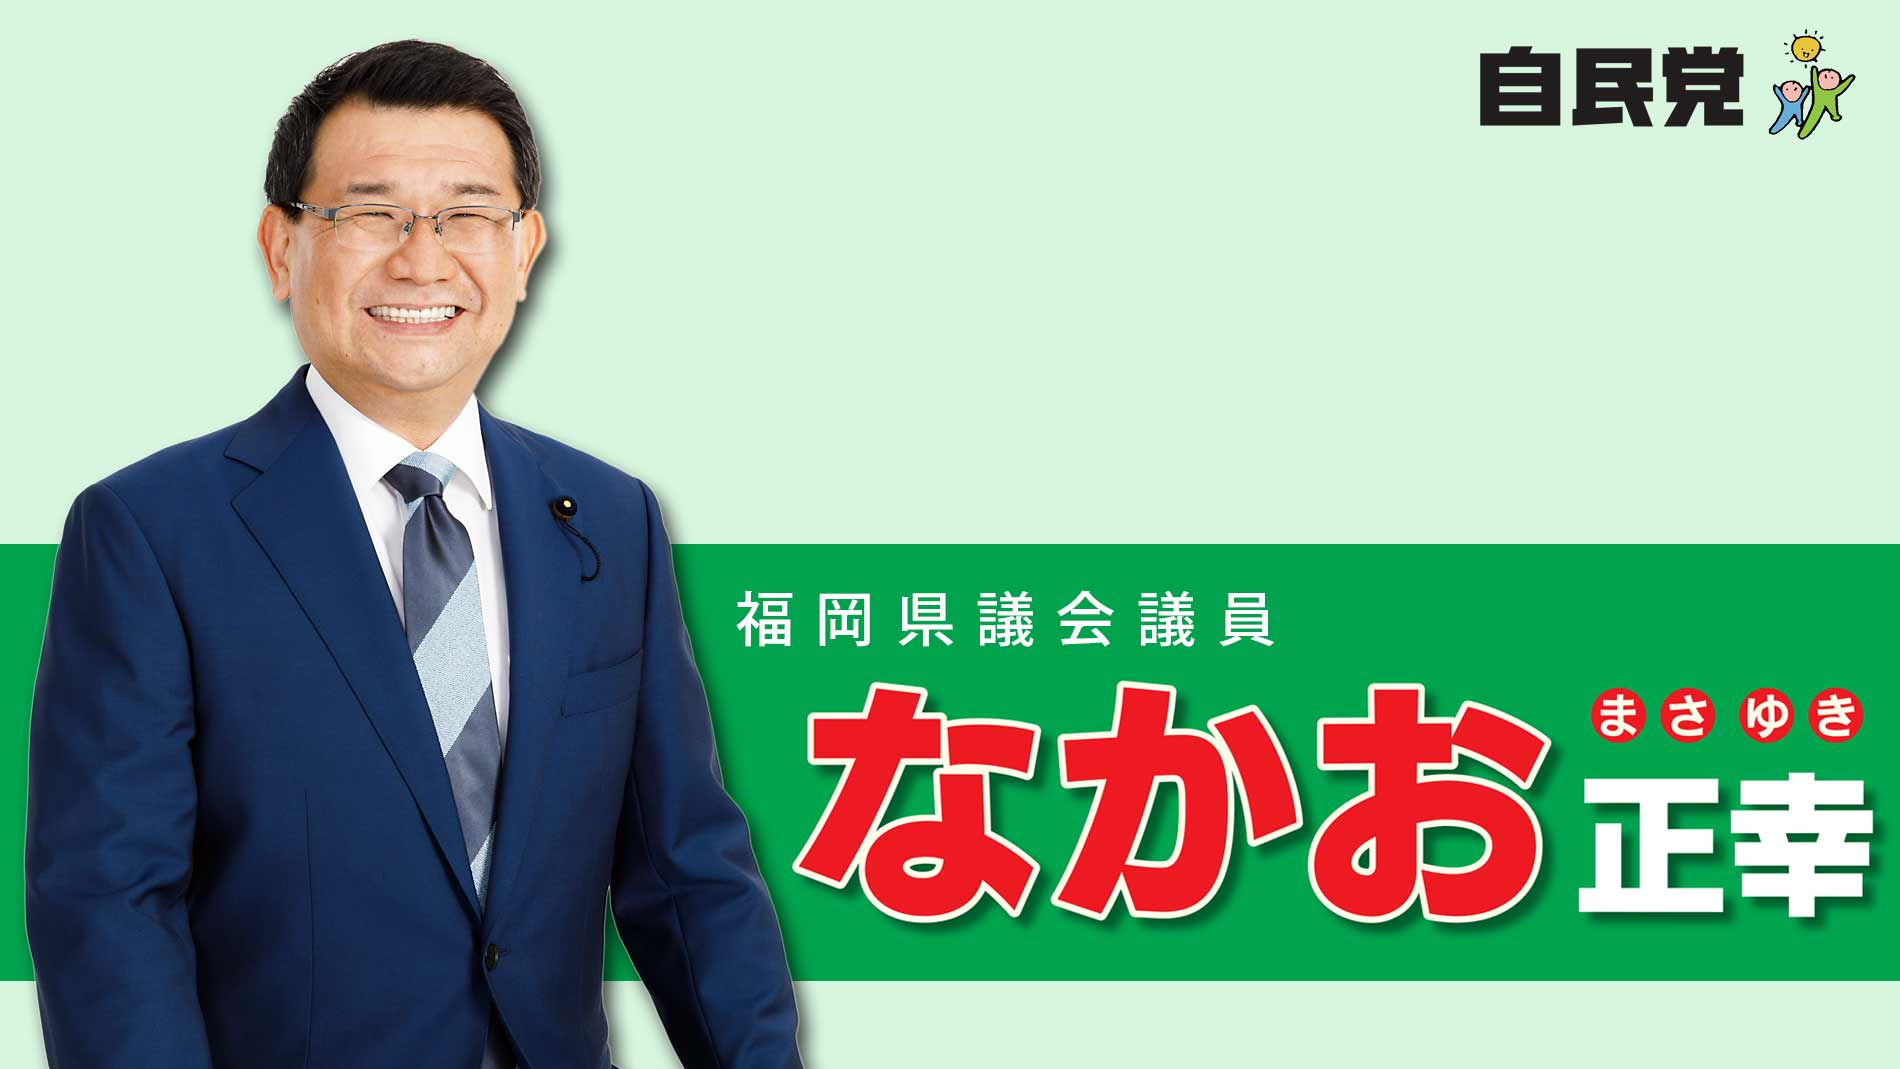 福岡県議会議員 北九州市 若松区 中尾正幸 自由民主党